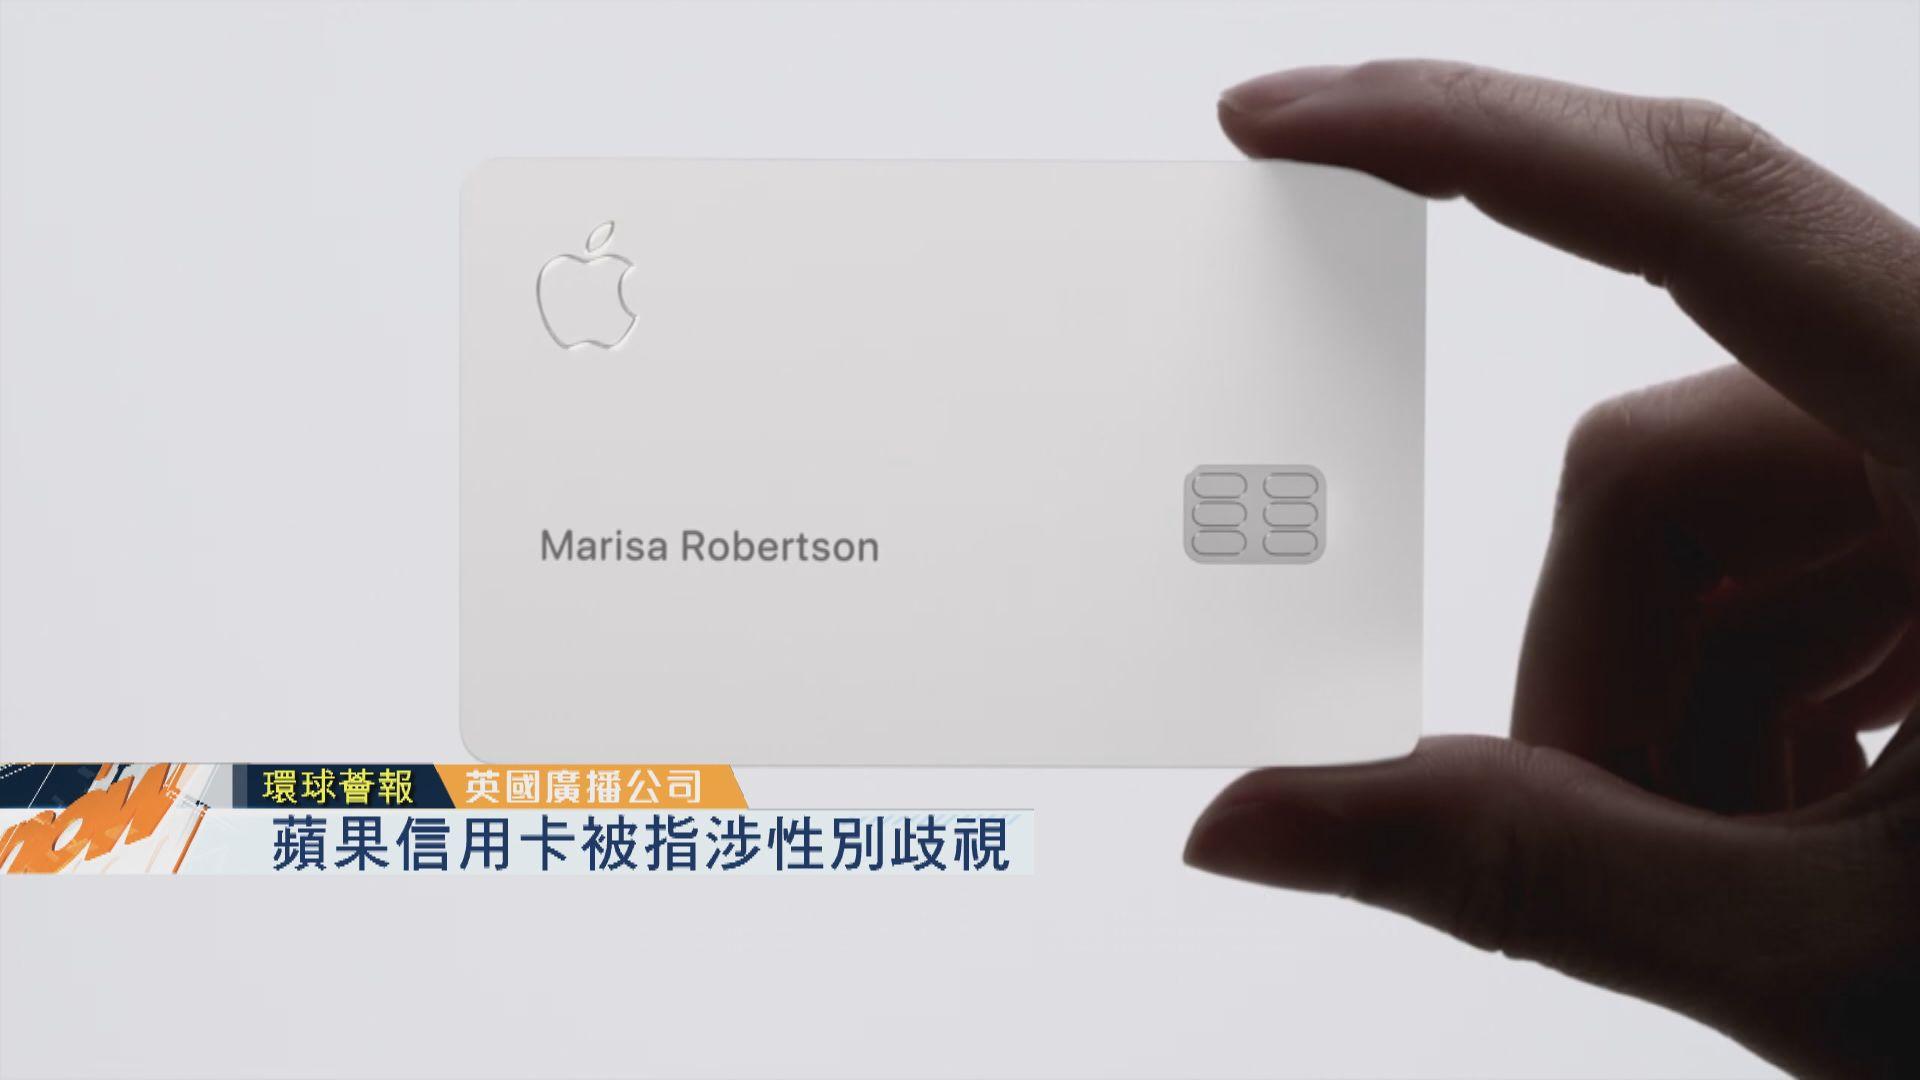 【環球薈報】蘋果信用卡被指涉性別歧視